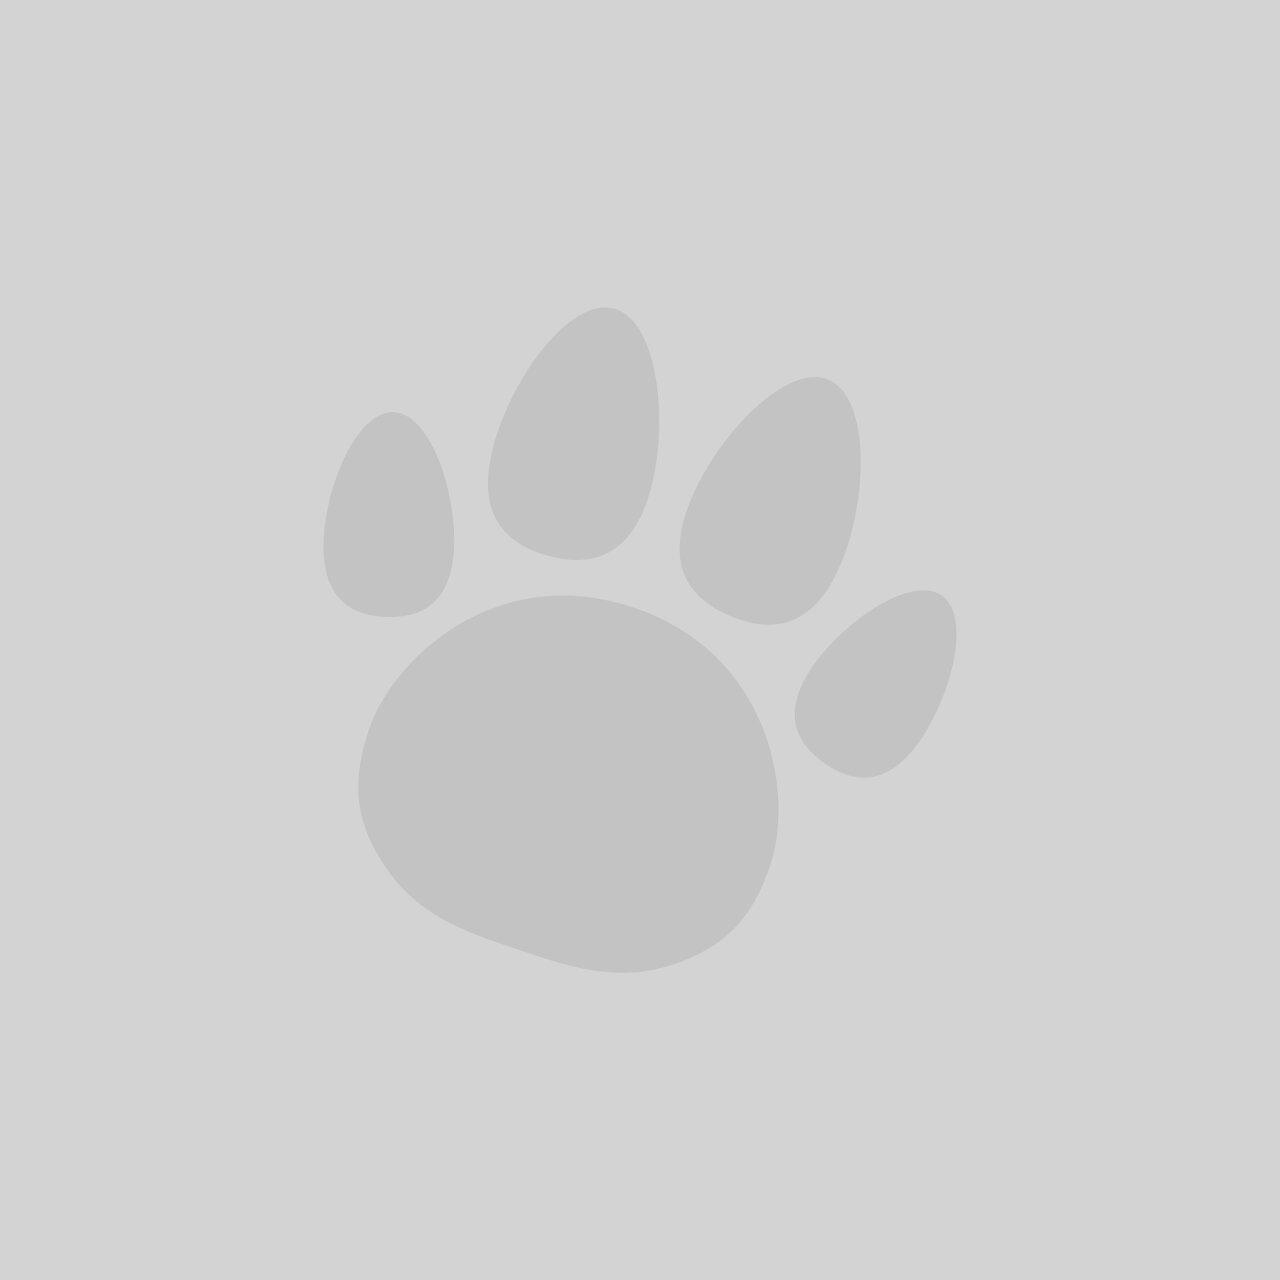 Rufus & Rosie Stainless Steel Bowl Orange 290ml